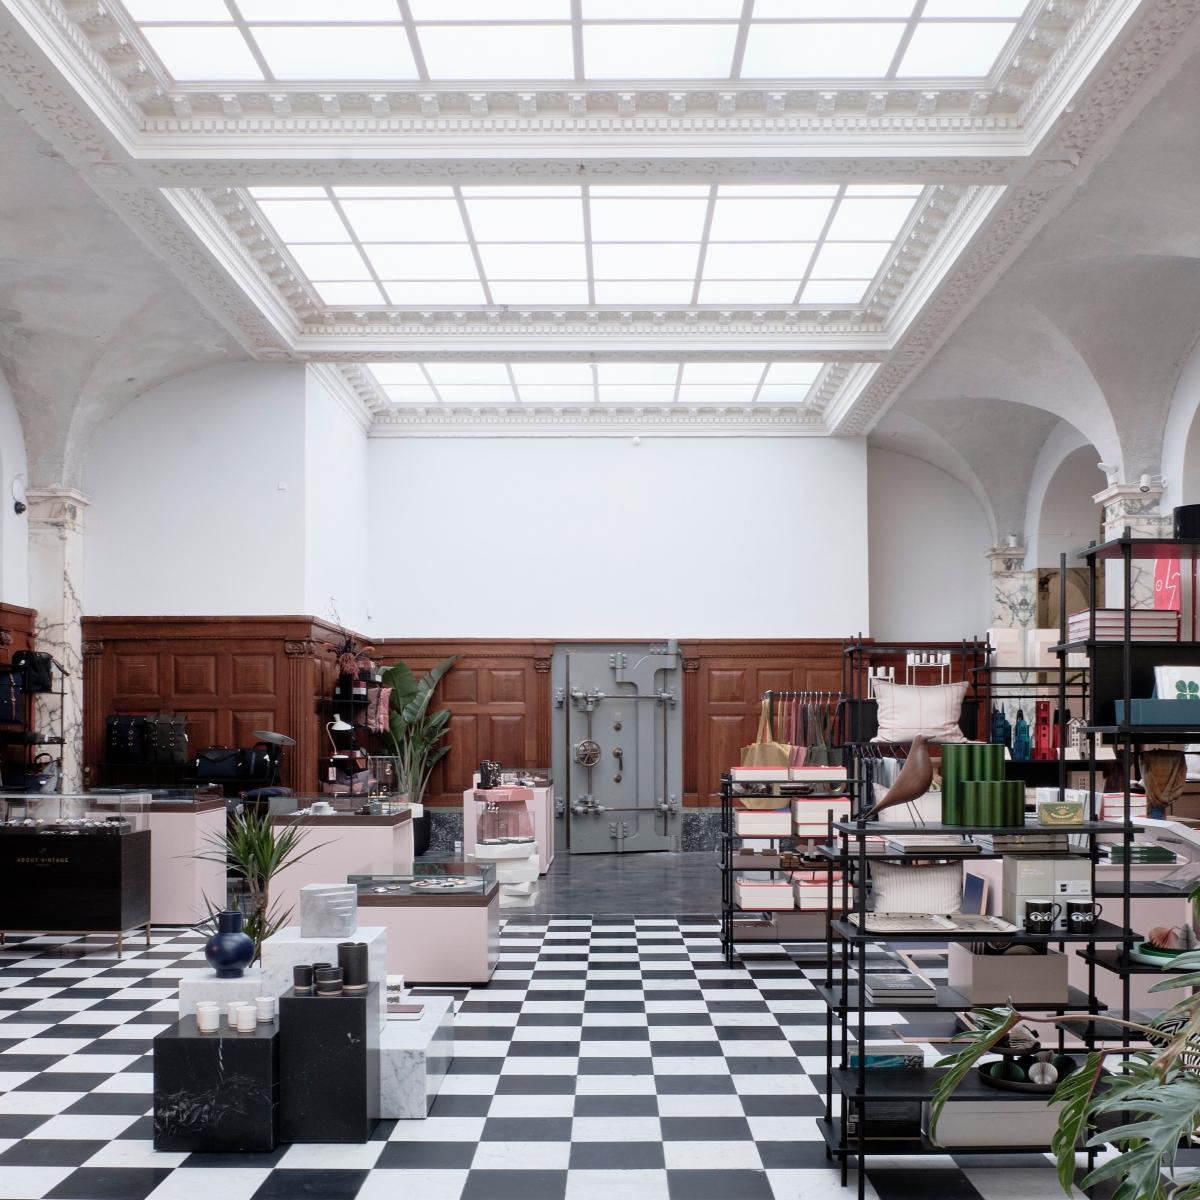 Paustian Designermöbel Concept Store Kopenhagen Stroget